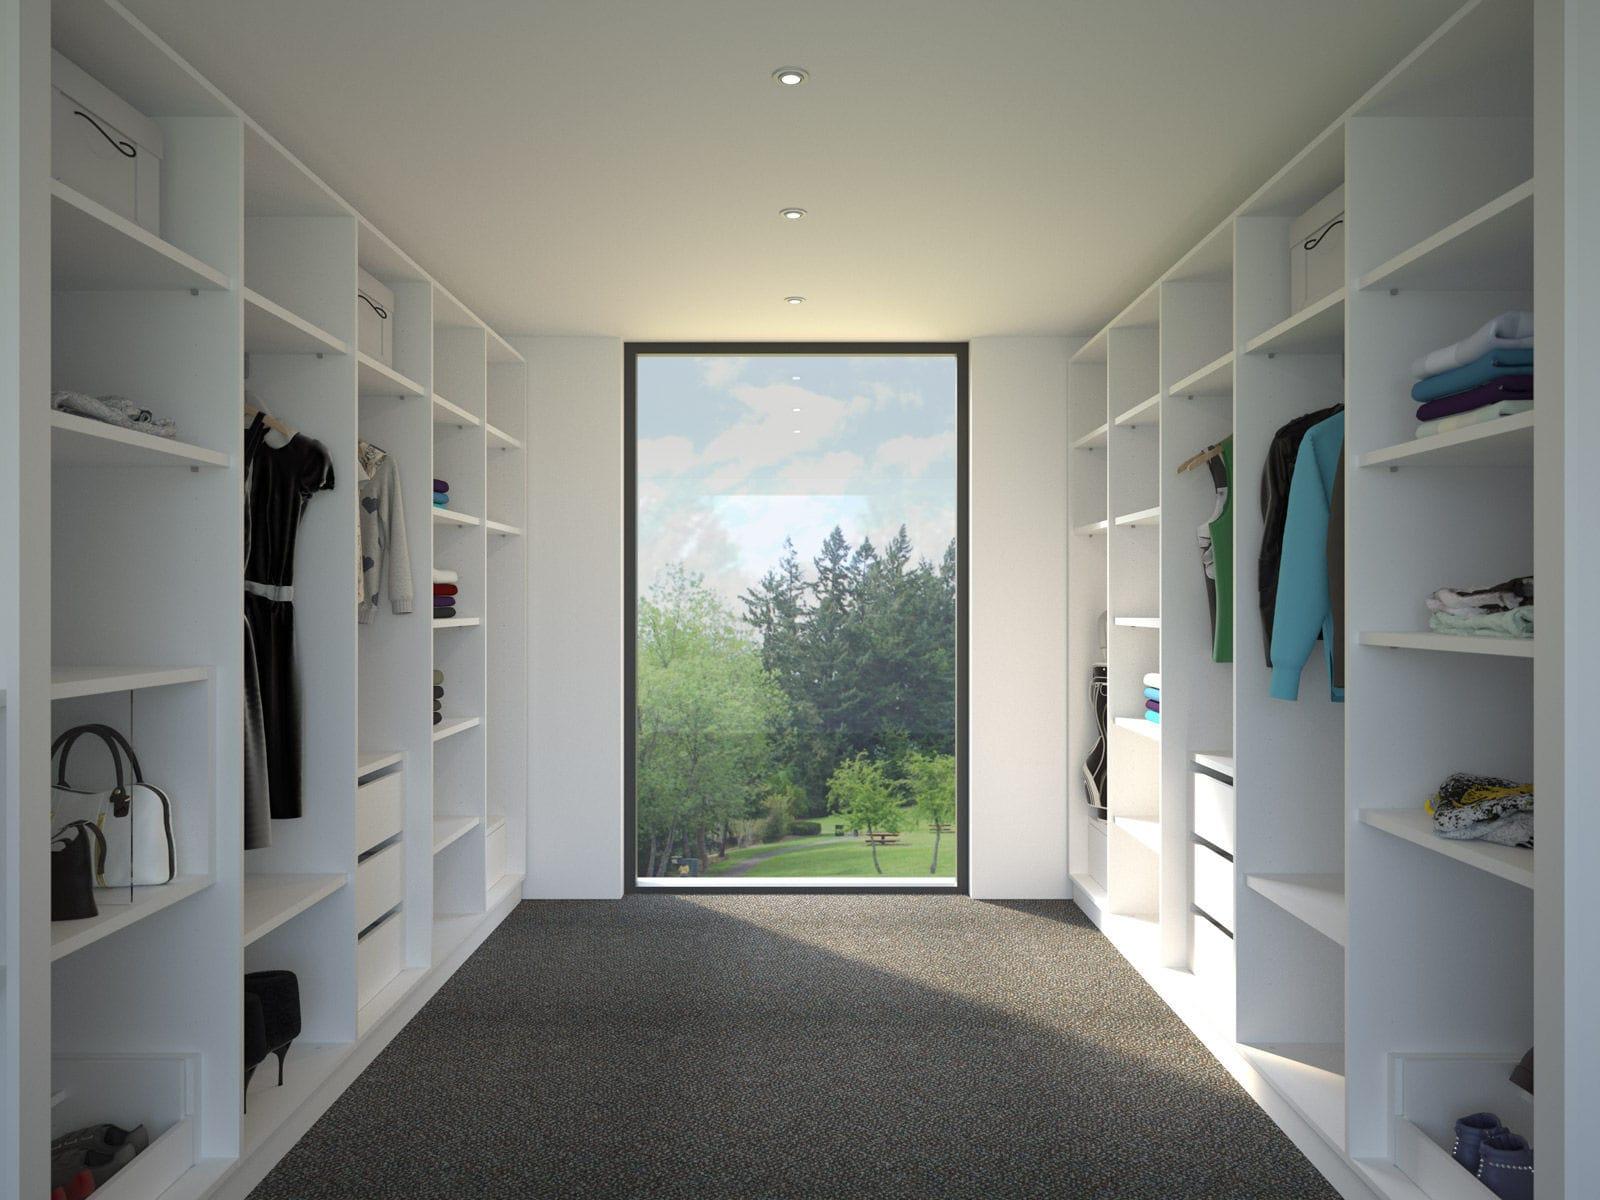 Begehbarer kleiderschrank modern  Begehbarer -Kleiderschrank / Eck / modern / Holz - FRAMO